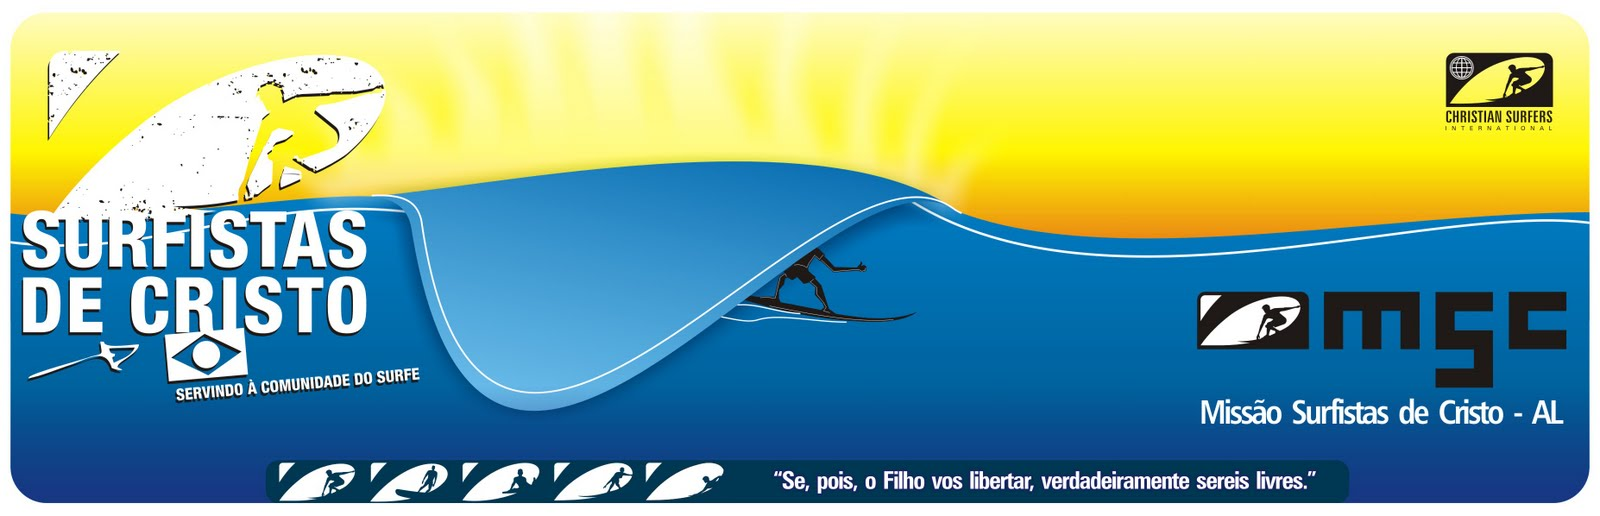 Missão Surfistas de Cristo